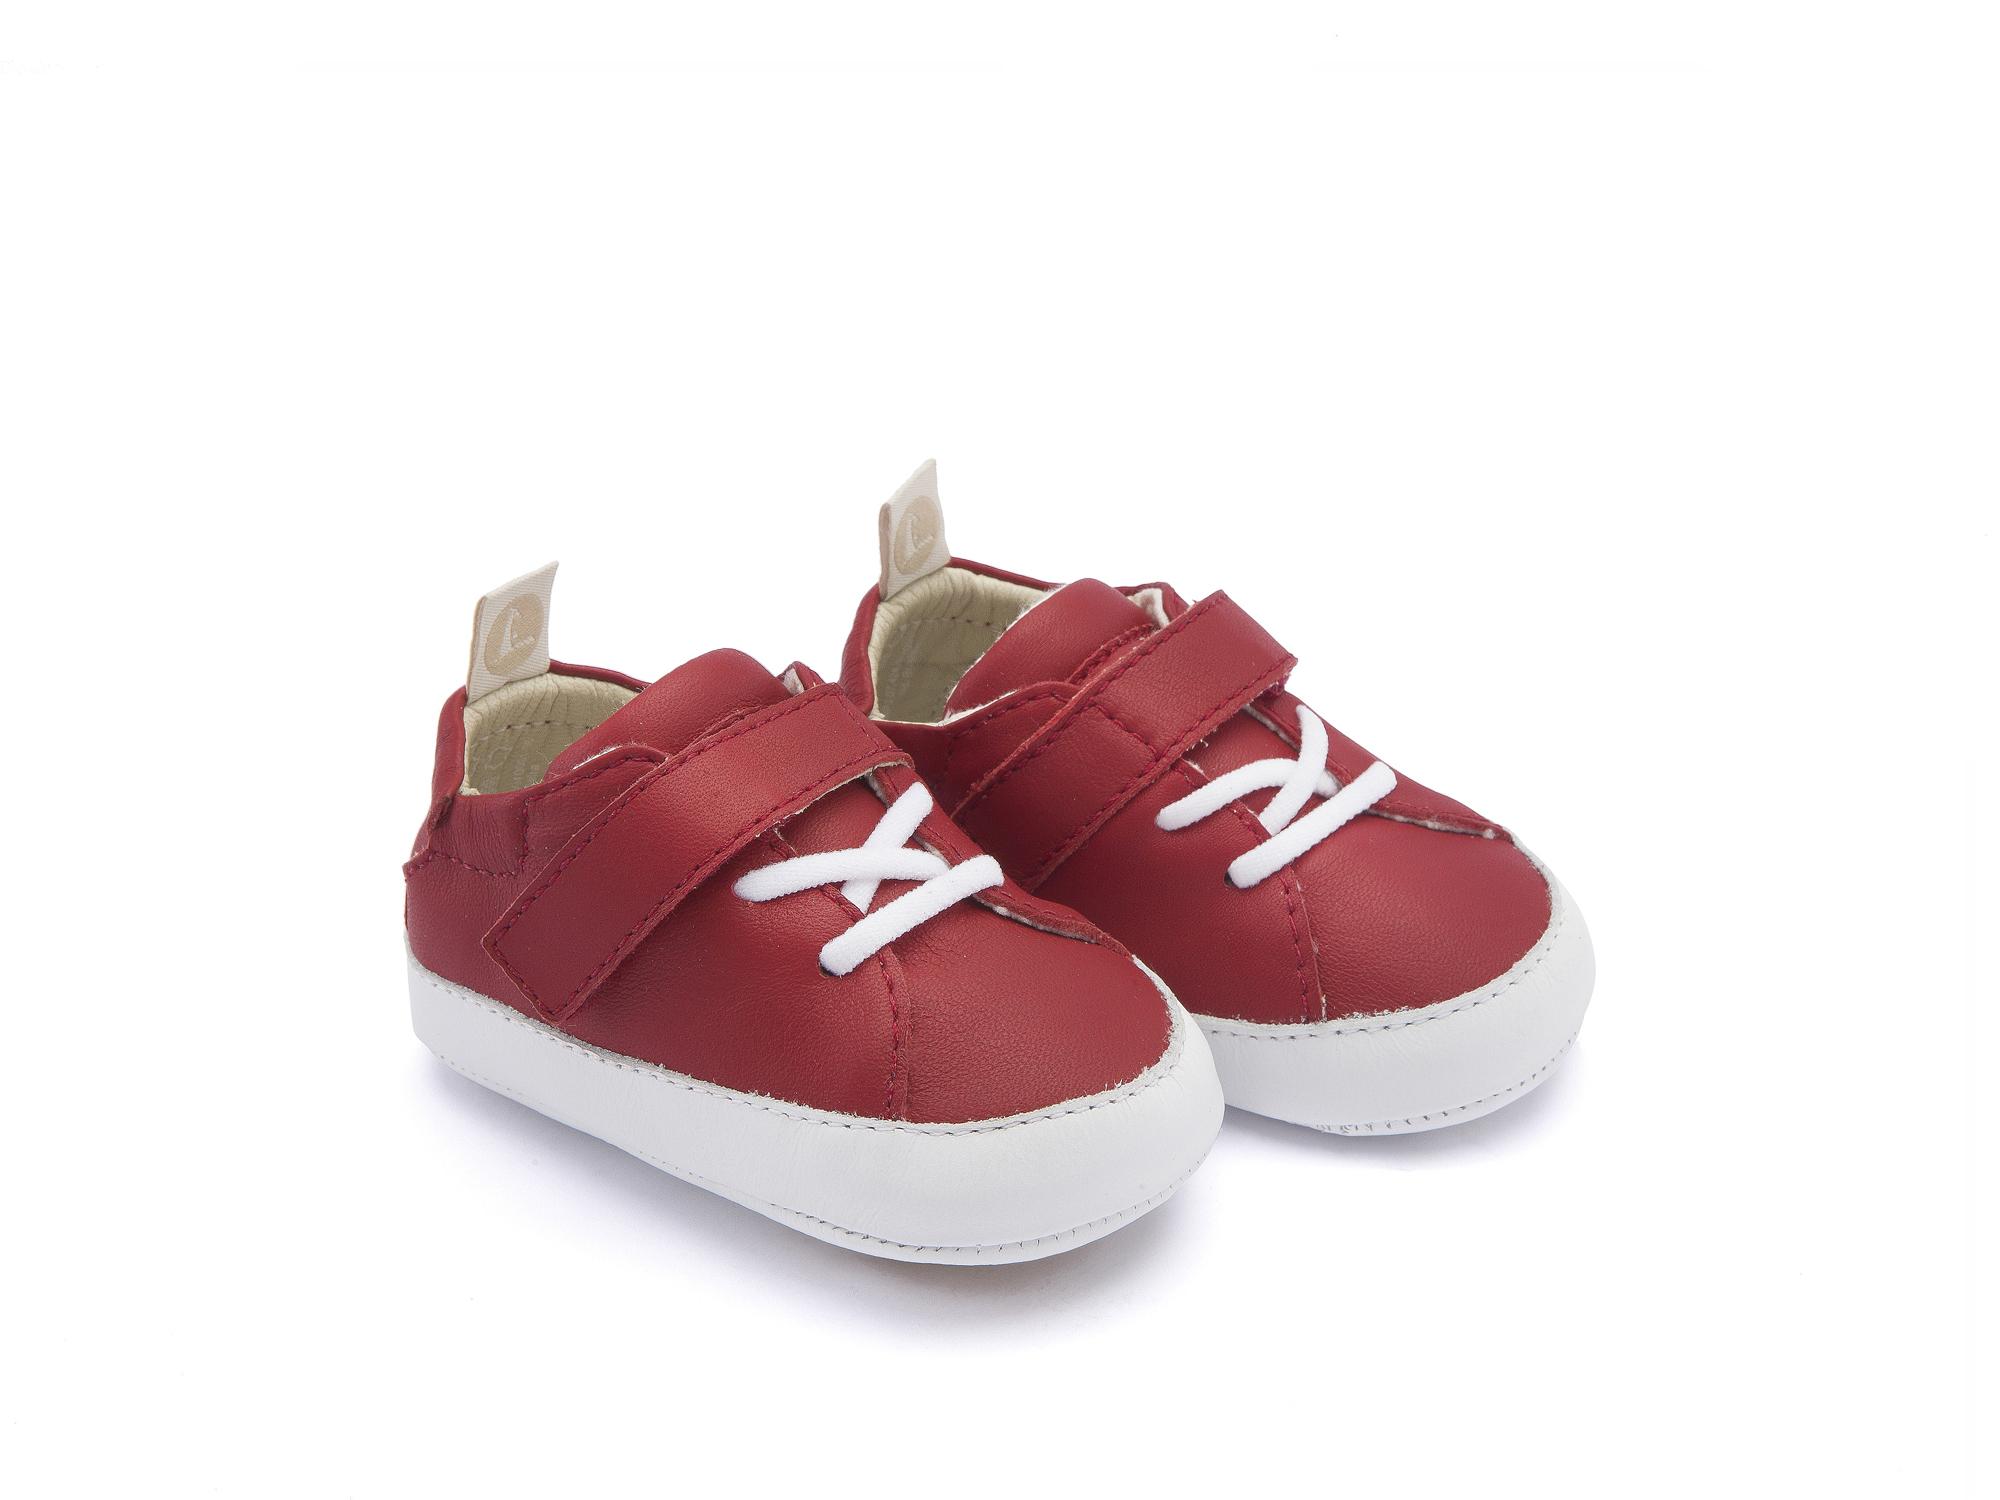 Tênis Light Pomo/ White Baby 0 à 2 anos - 0